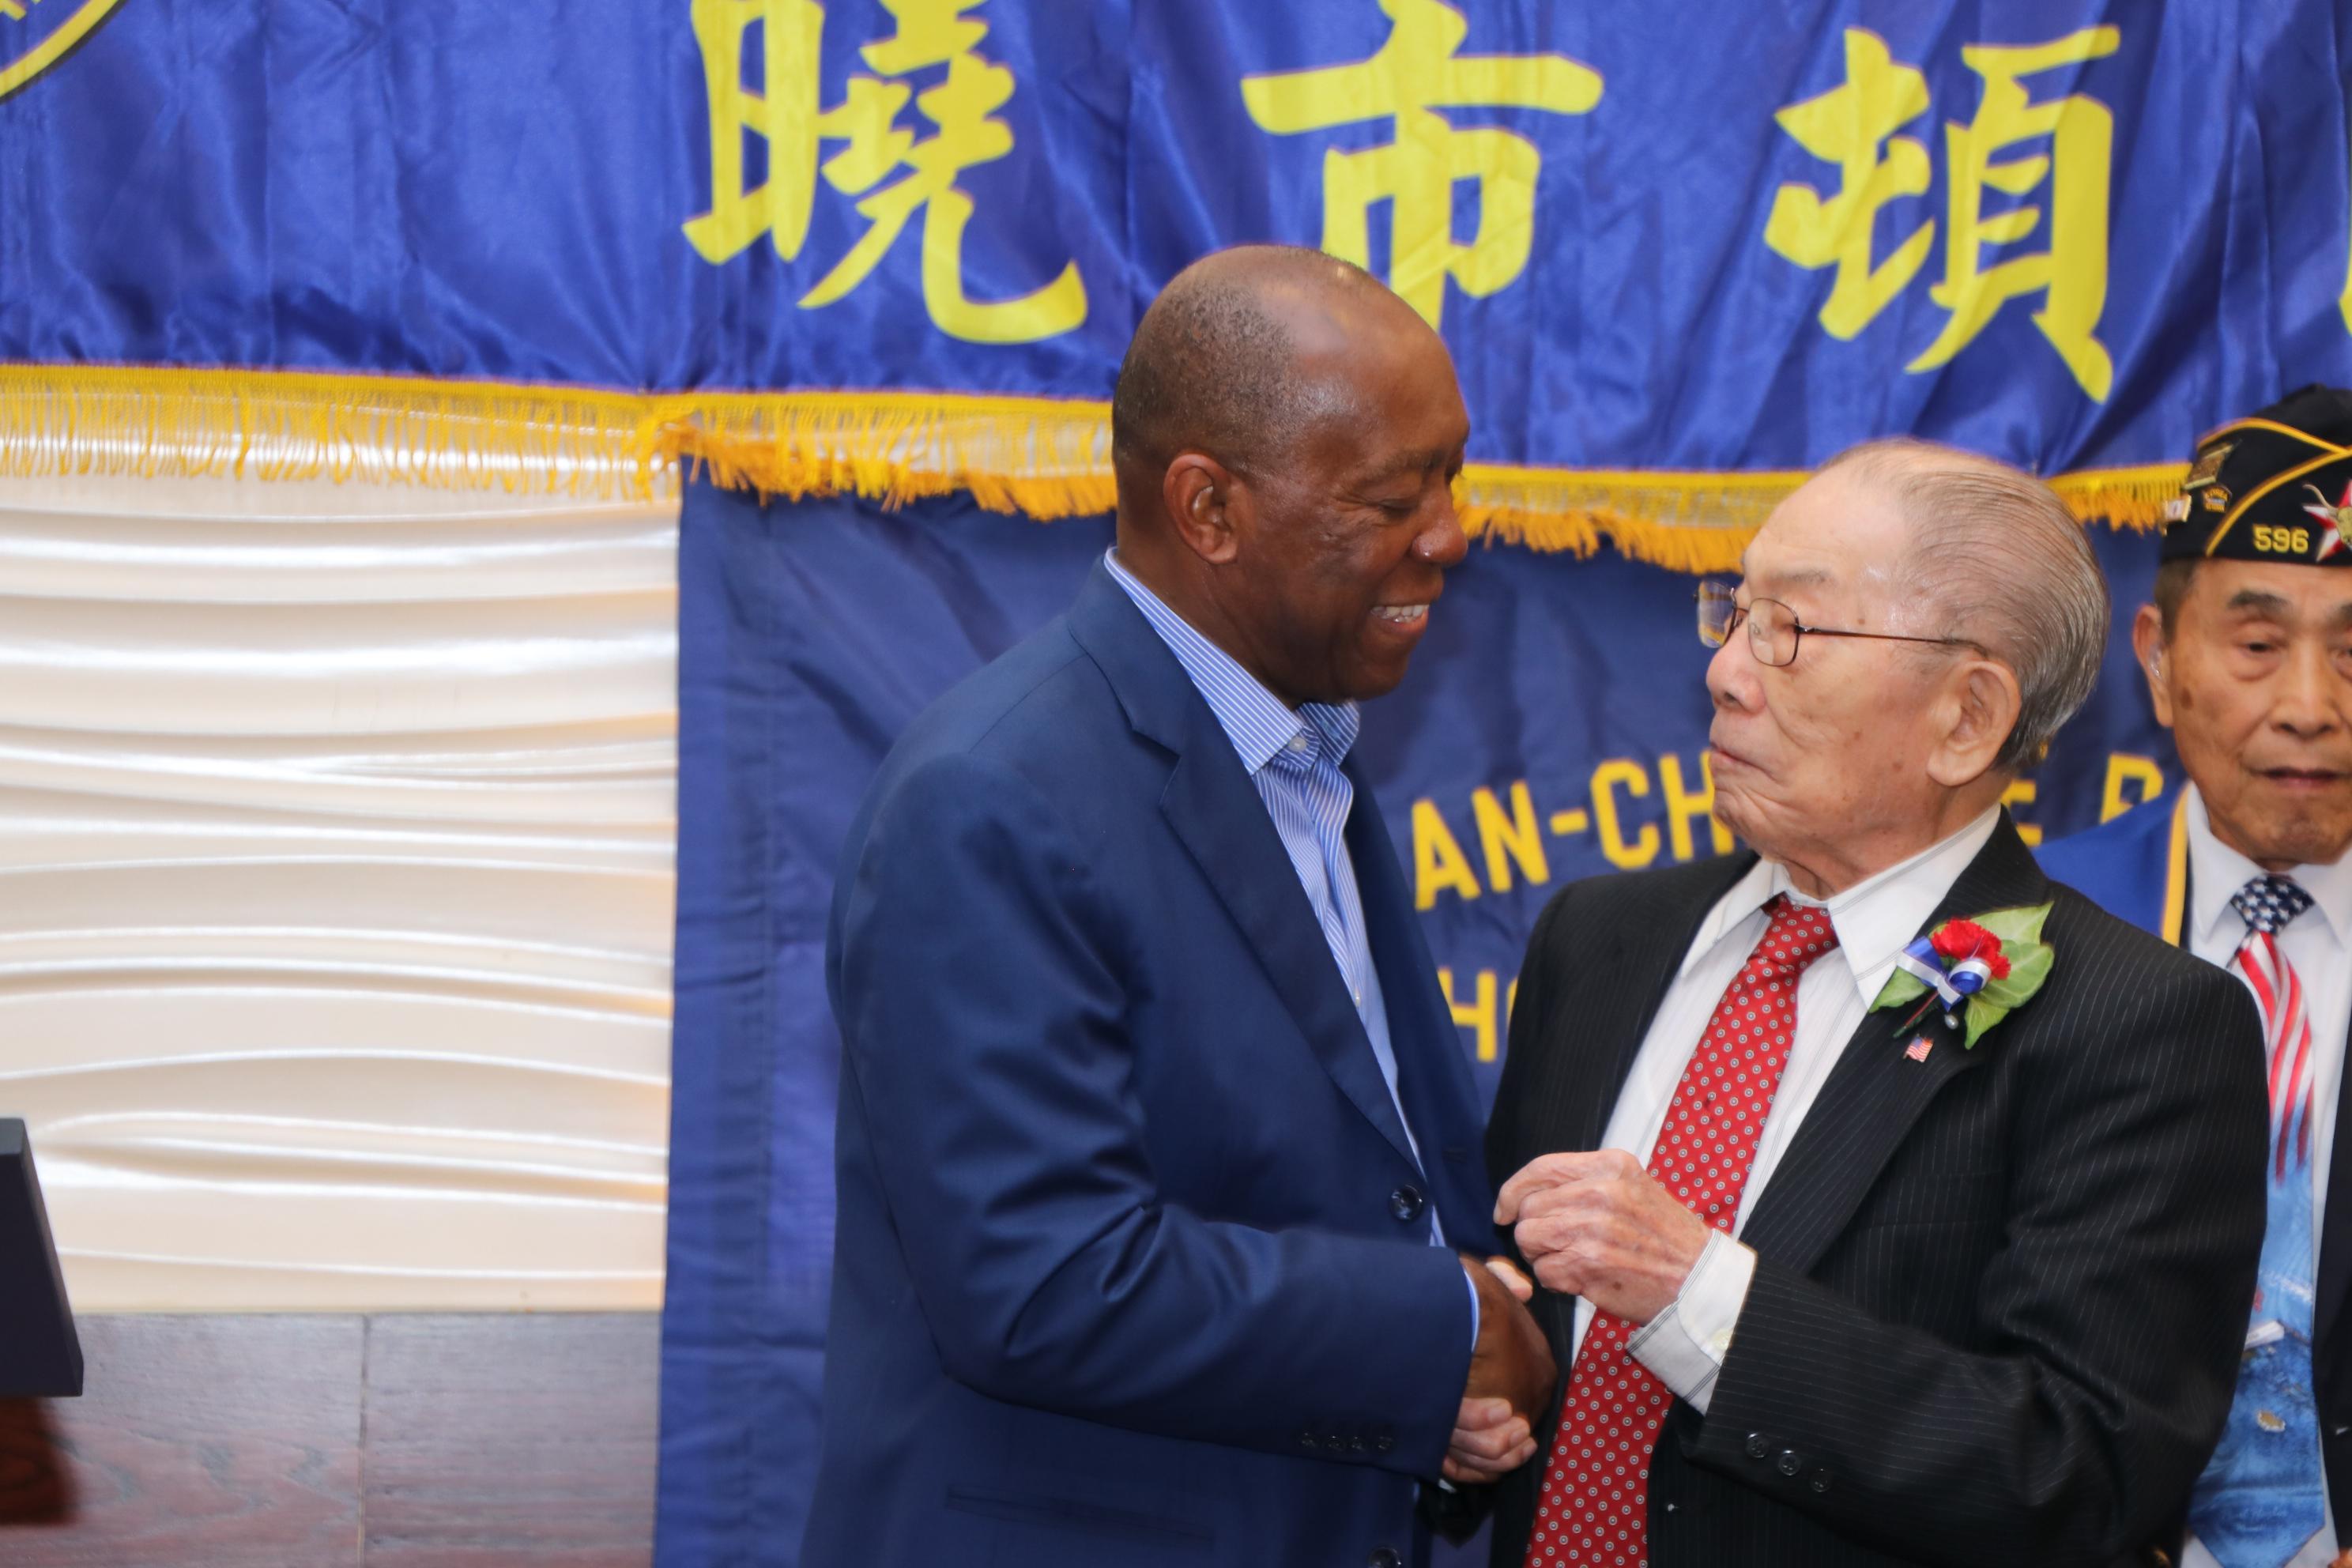 二戰老兵Lewis W. Yee(右),台山人,曾在市長的家鄉開雜貨店,與市長一家人都熟悉,老友相見分外親切。